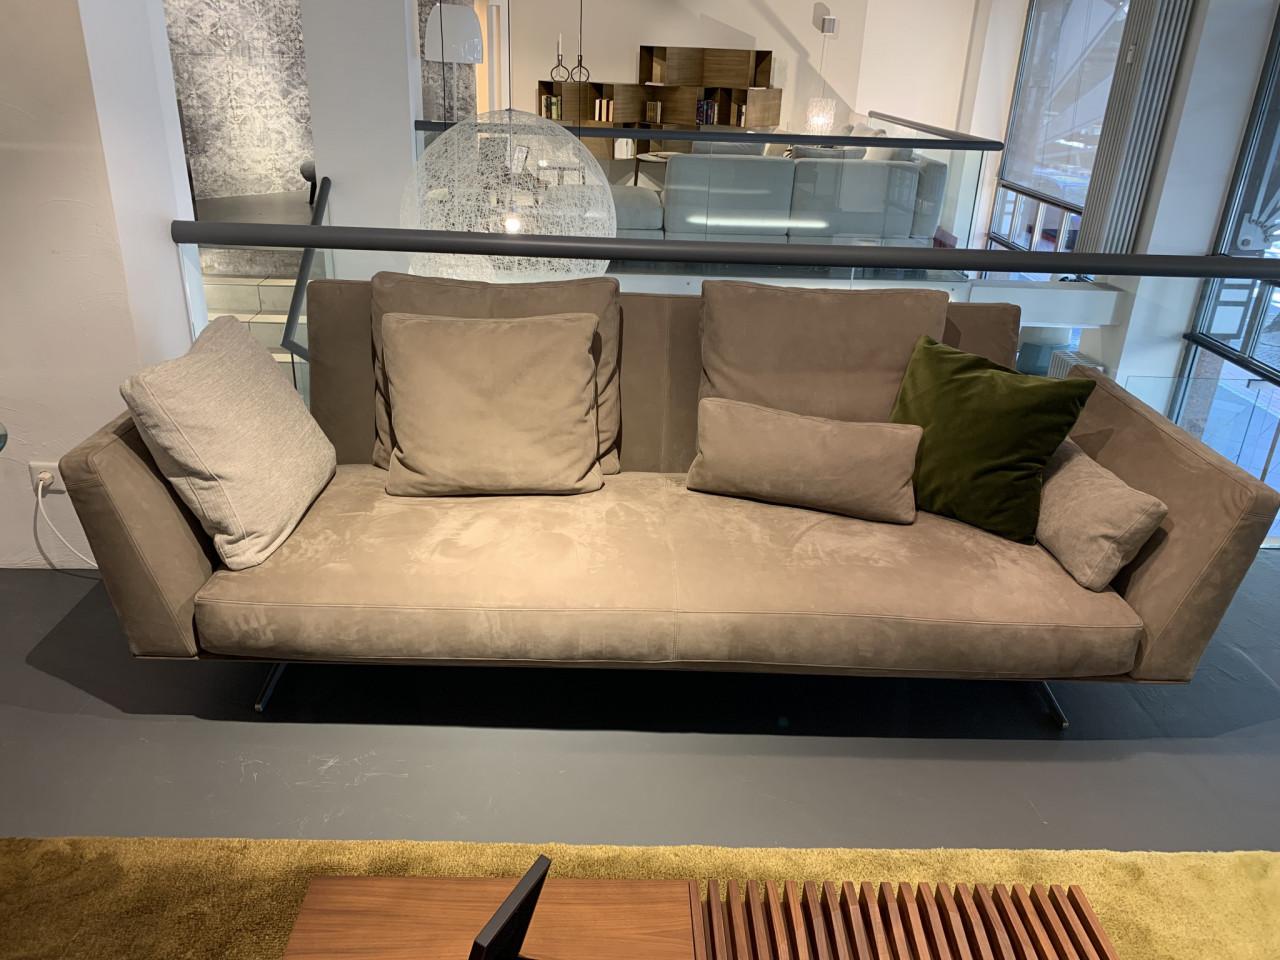 Full Size of Flexform Sofa Groundpiece Ebay Furniture Sale Lifesteel Eden Bed Adda Gary Kleinanzeigen List Twins Preis Evergreen Von Pfannes Virnich Wohnberater Sofa Flexform Sofa